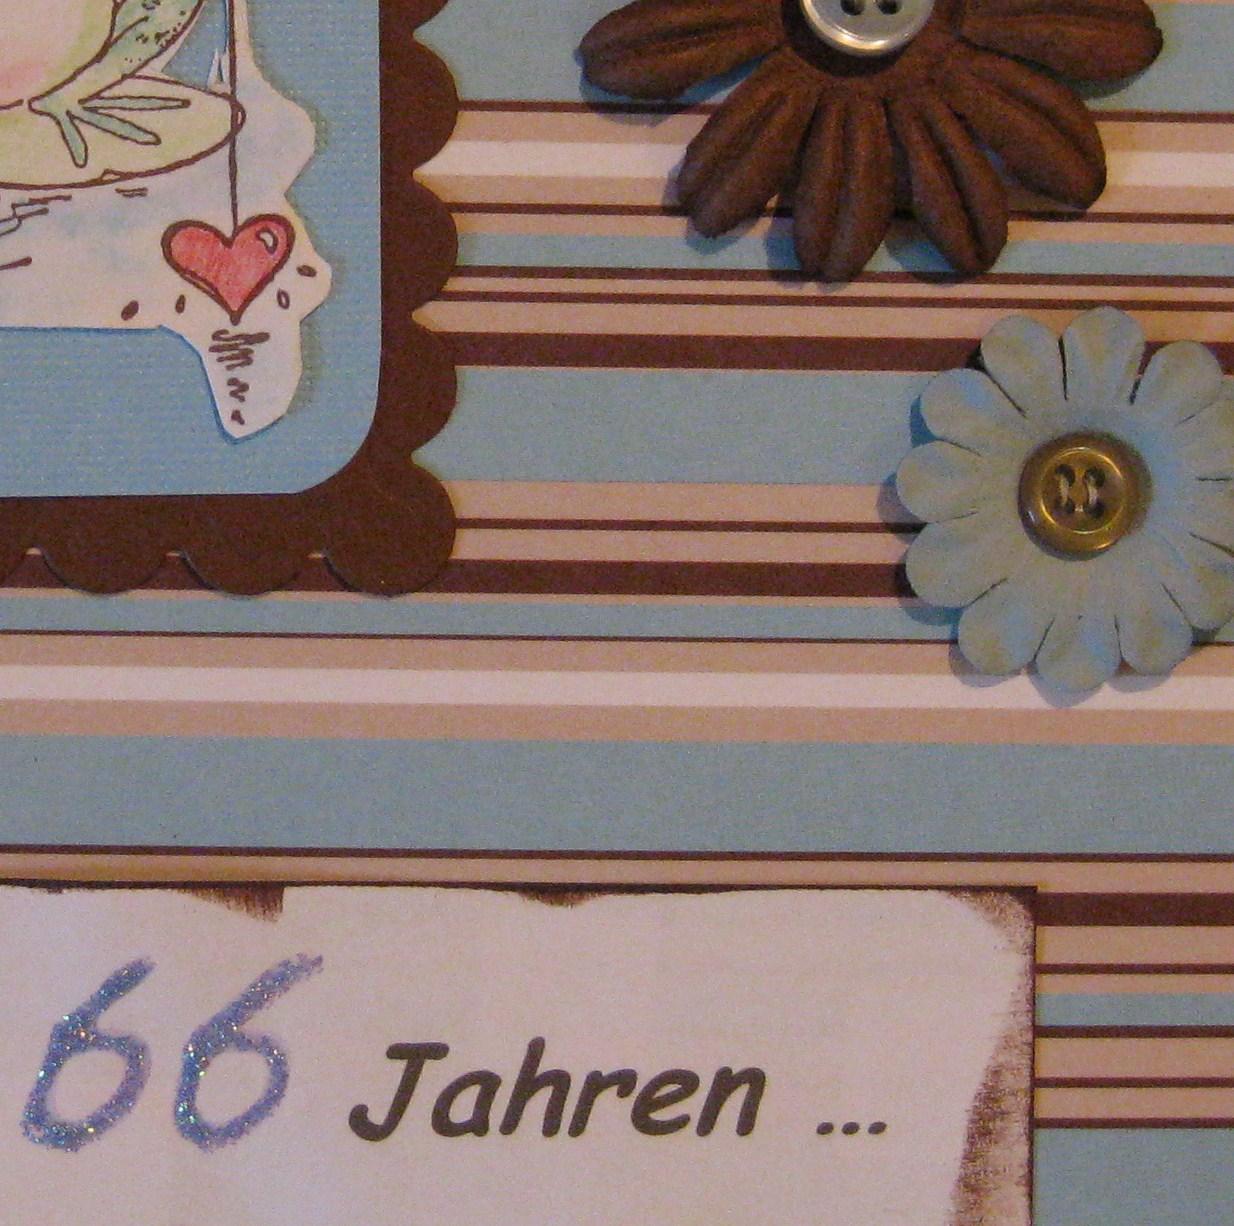 Mit 66 Jahren…